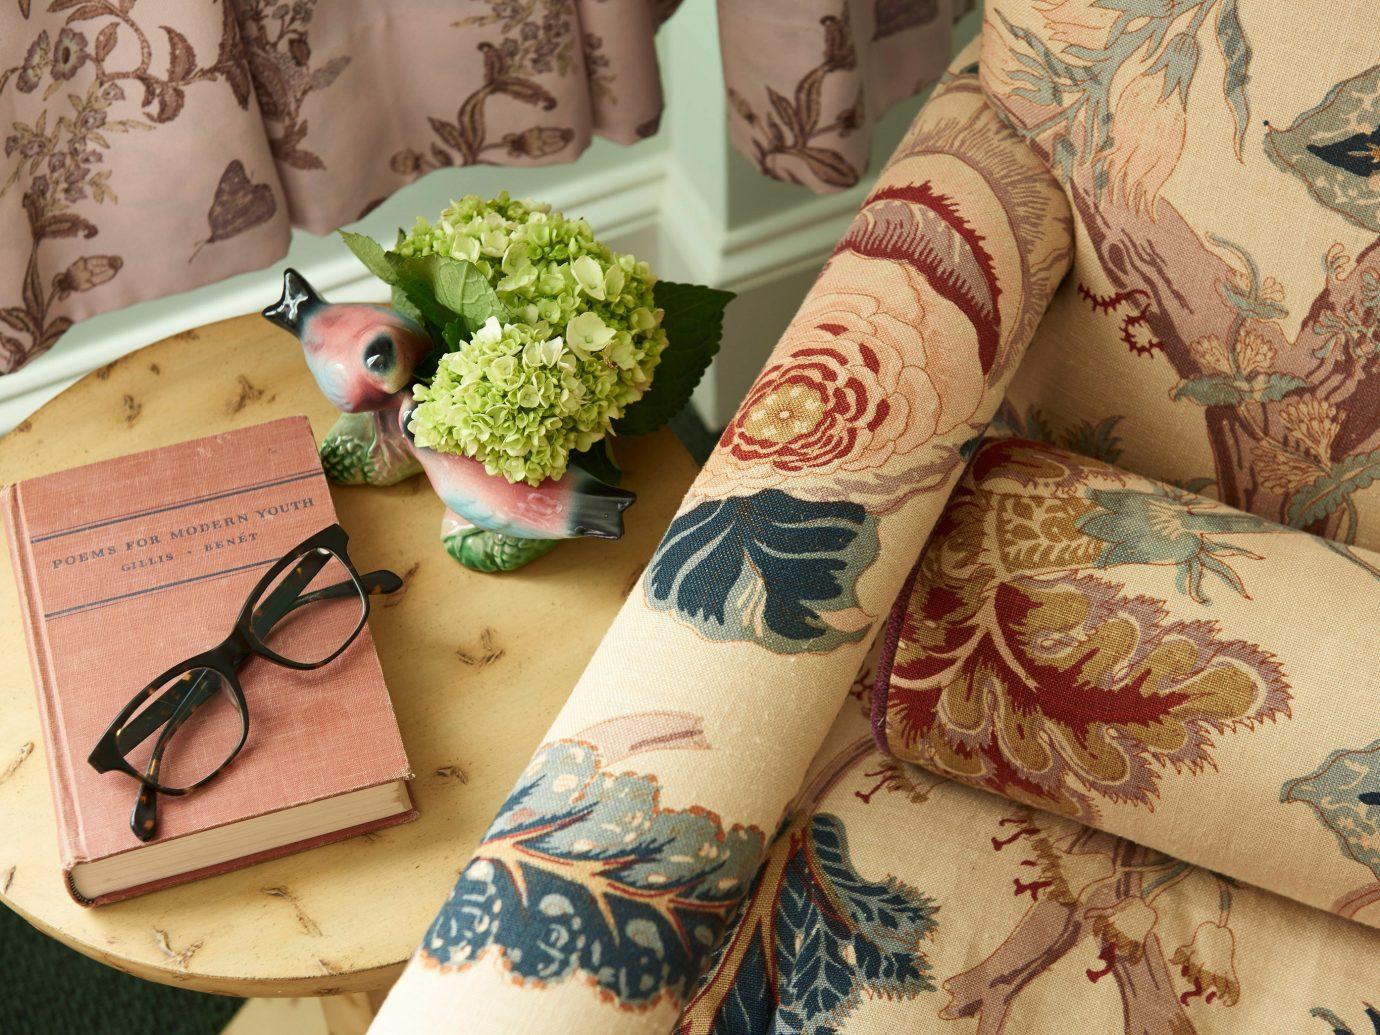 Boutique Hotels Hotels Trip Ideas pattern art arm Design flower textile